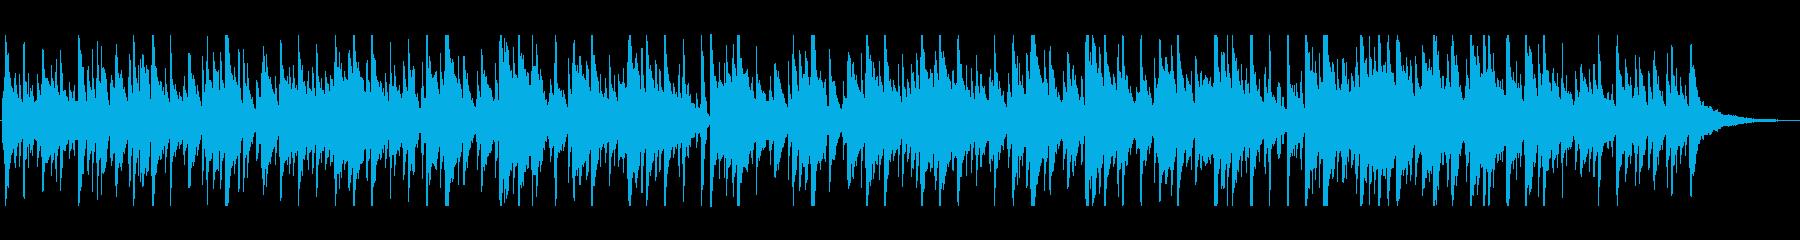 一日の終わりに聞きたい優しいボサノヴァの再生済みの波形